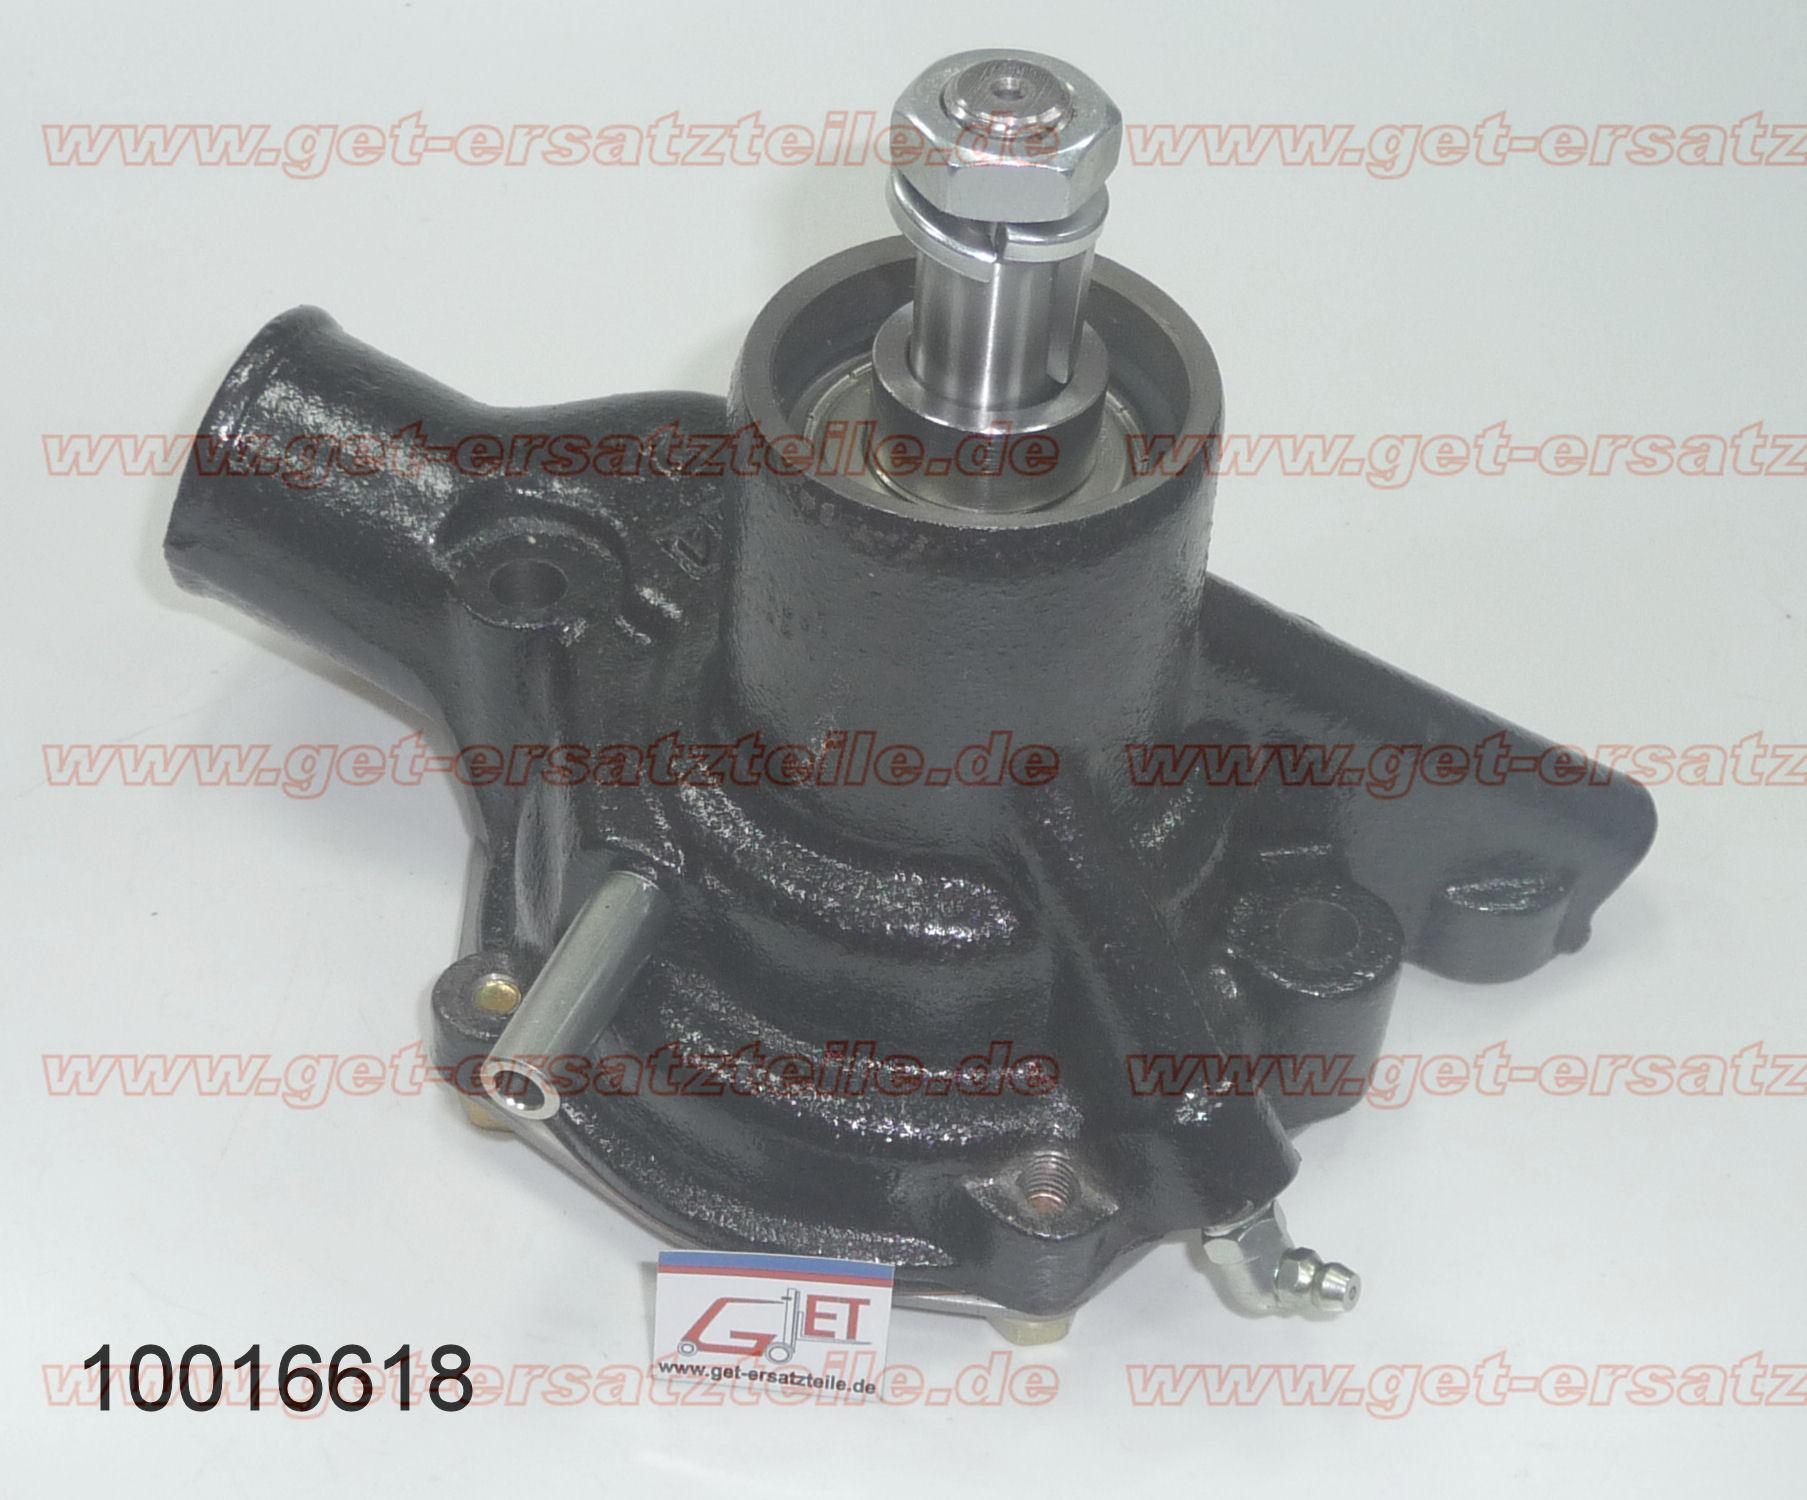 Kühler, Wasserpumpen, Kraftstoffleitung, Ansaugkrümmer, Einspritzpumpe, Einspritzdüse von GET-Gabelstapler-Ersatzteile